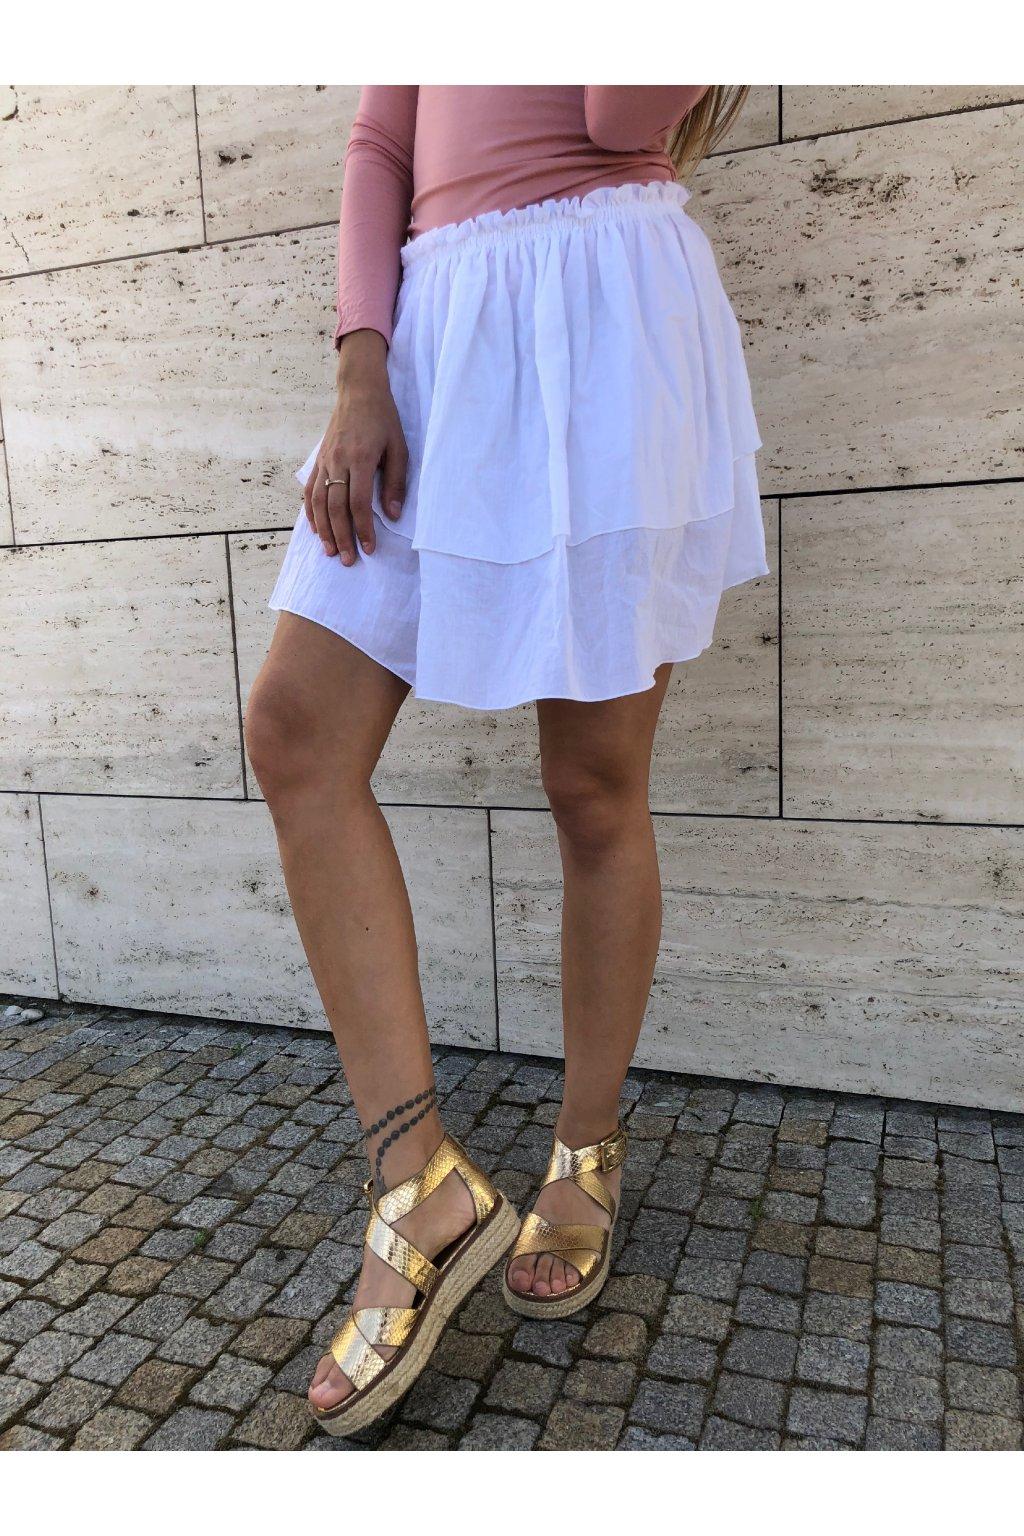 damska sukne pola white eshopat cz 1